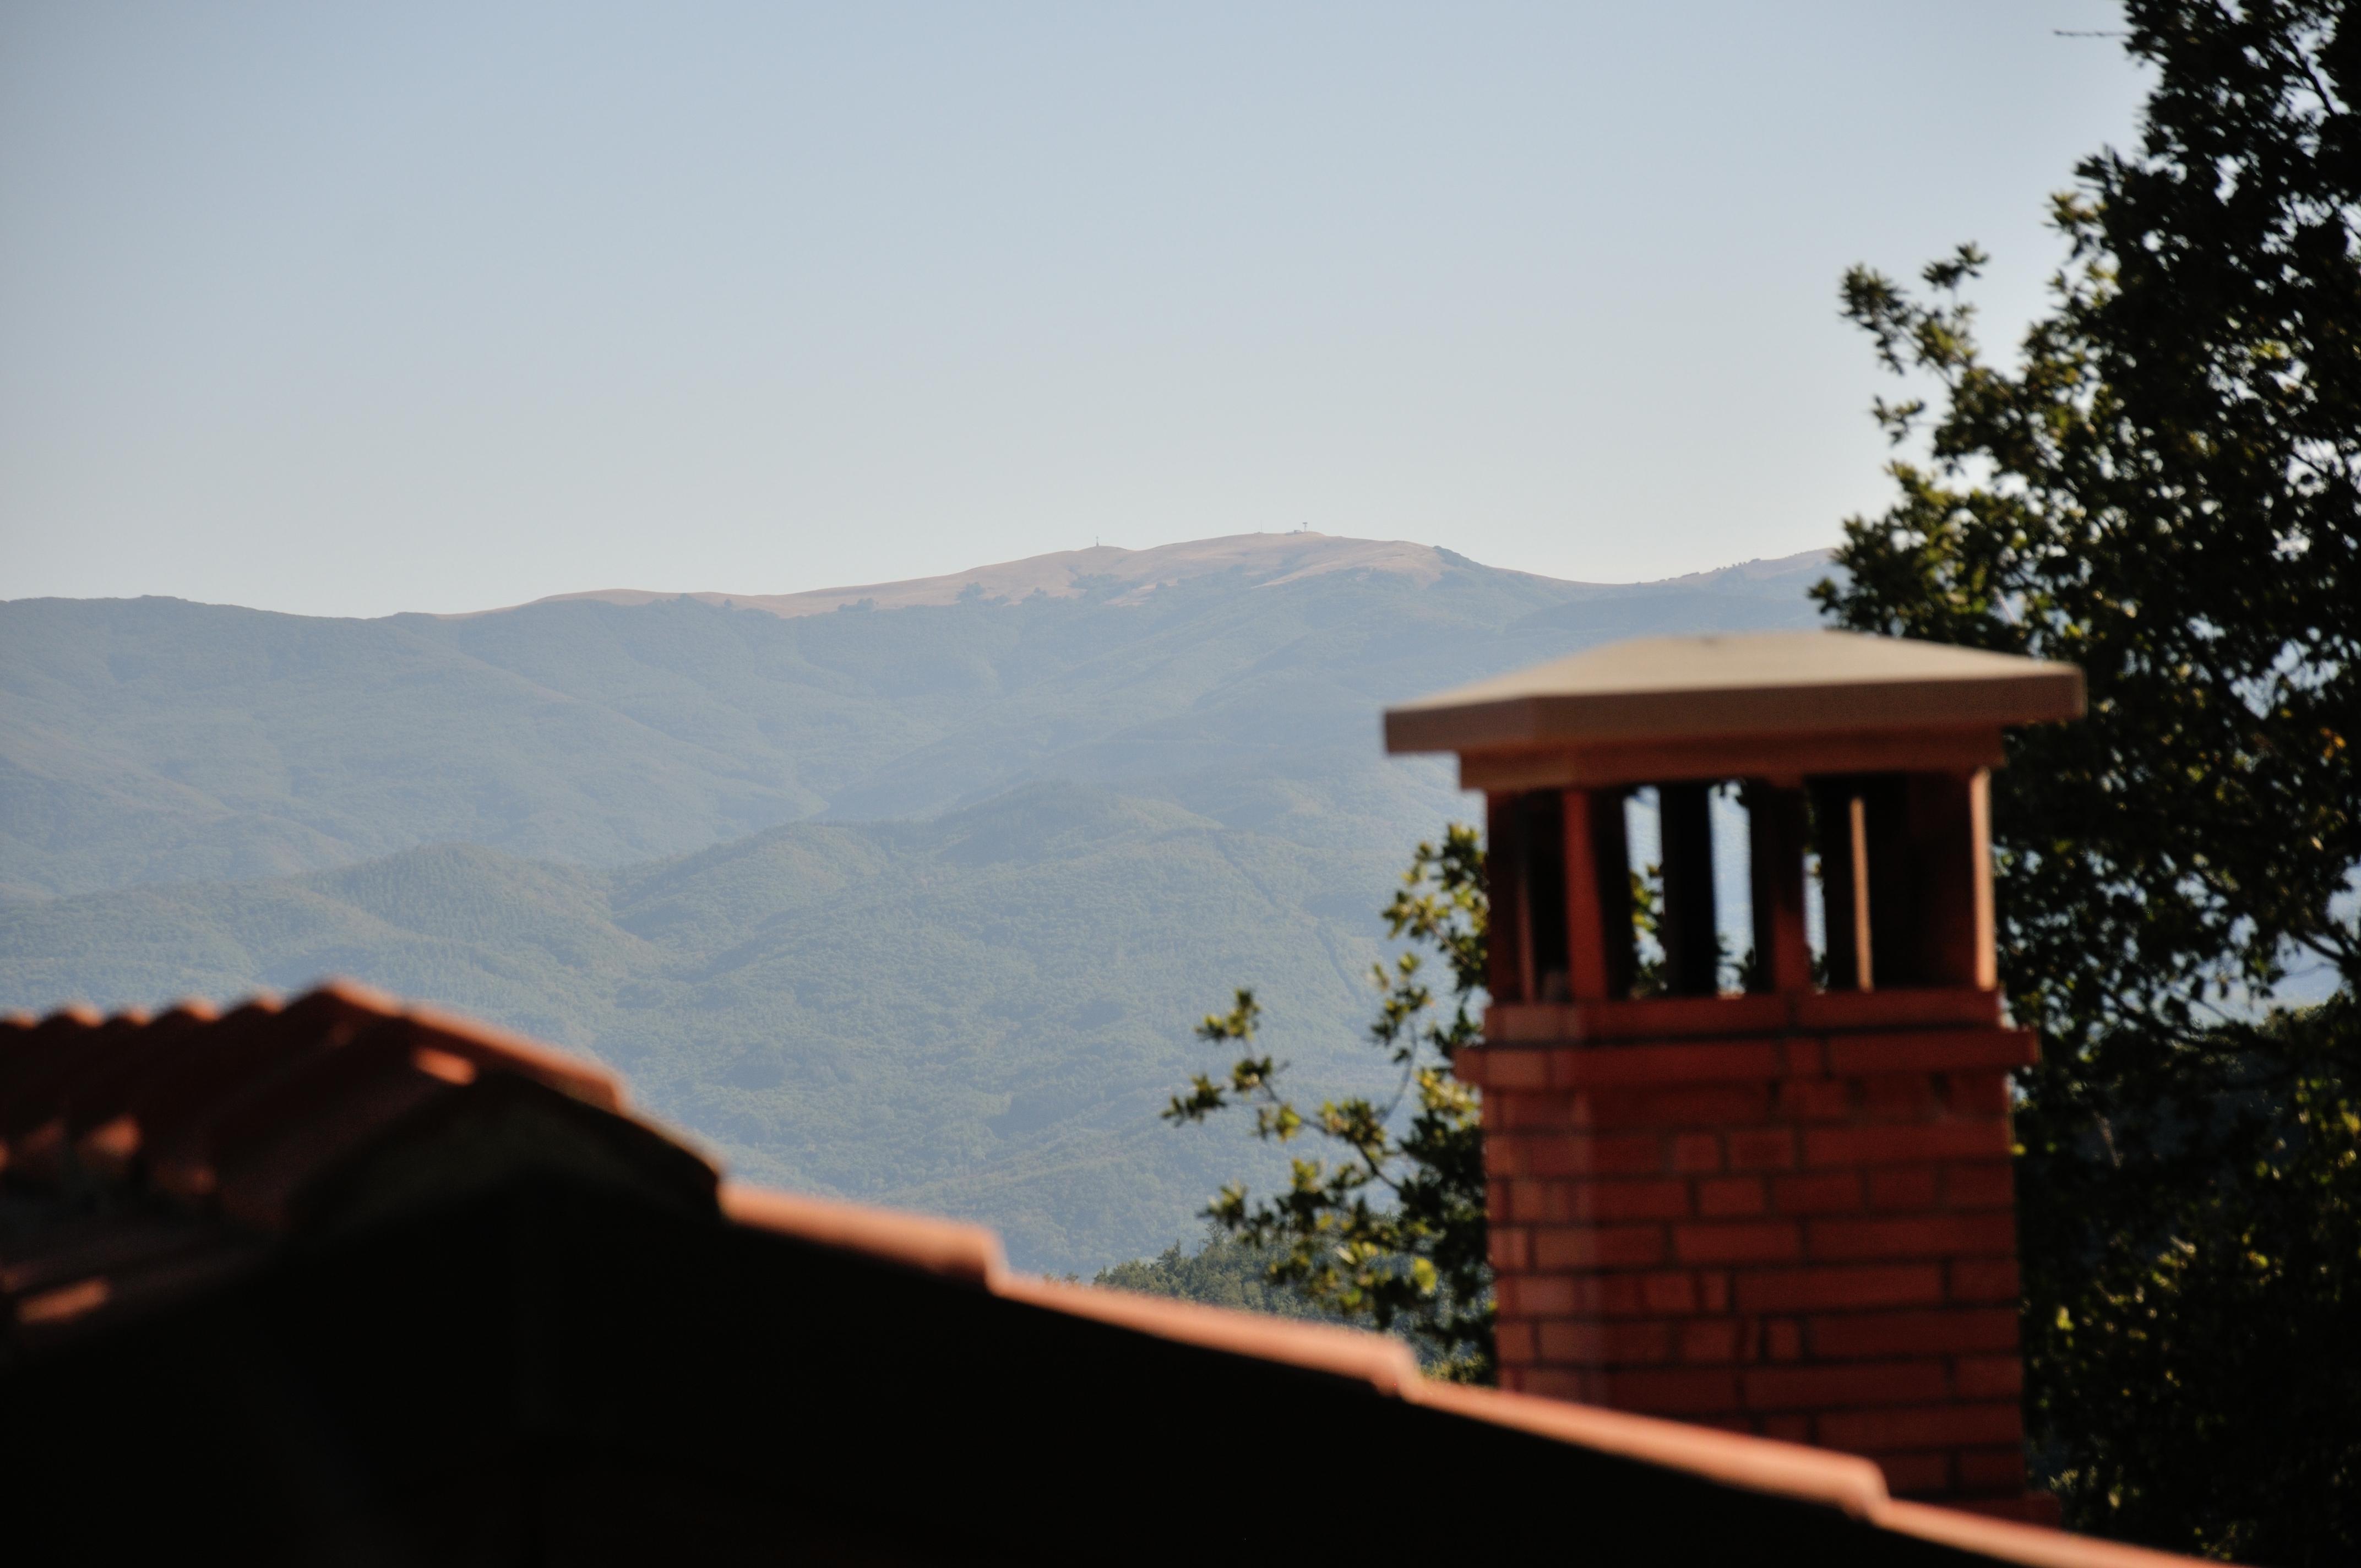 2012-08-07-034-DSC_5474